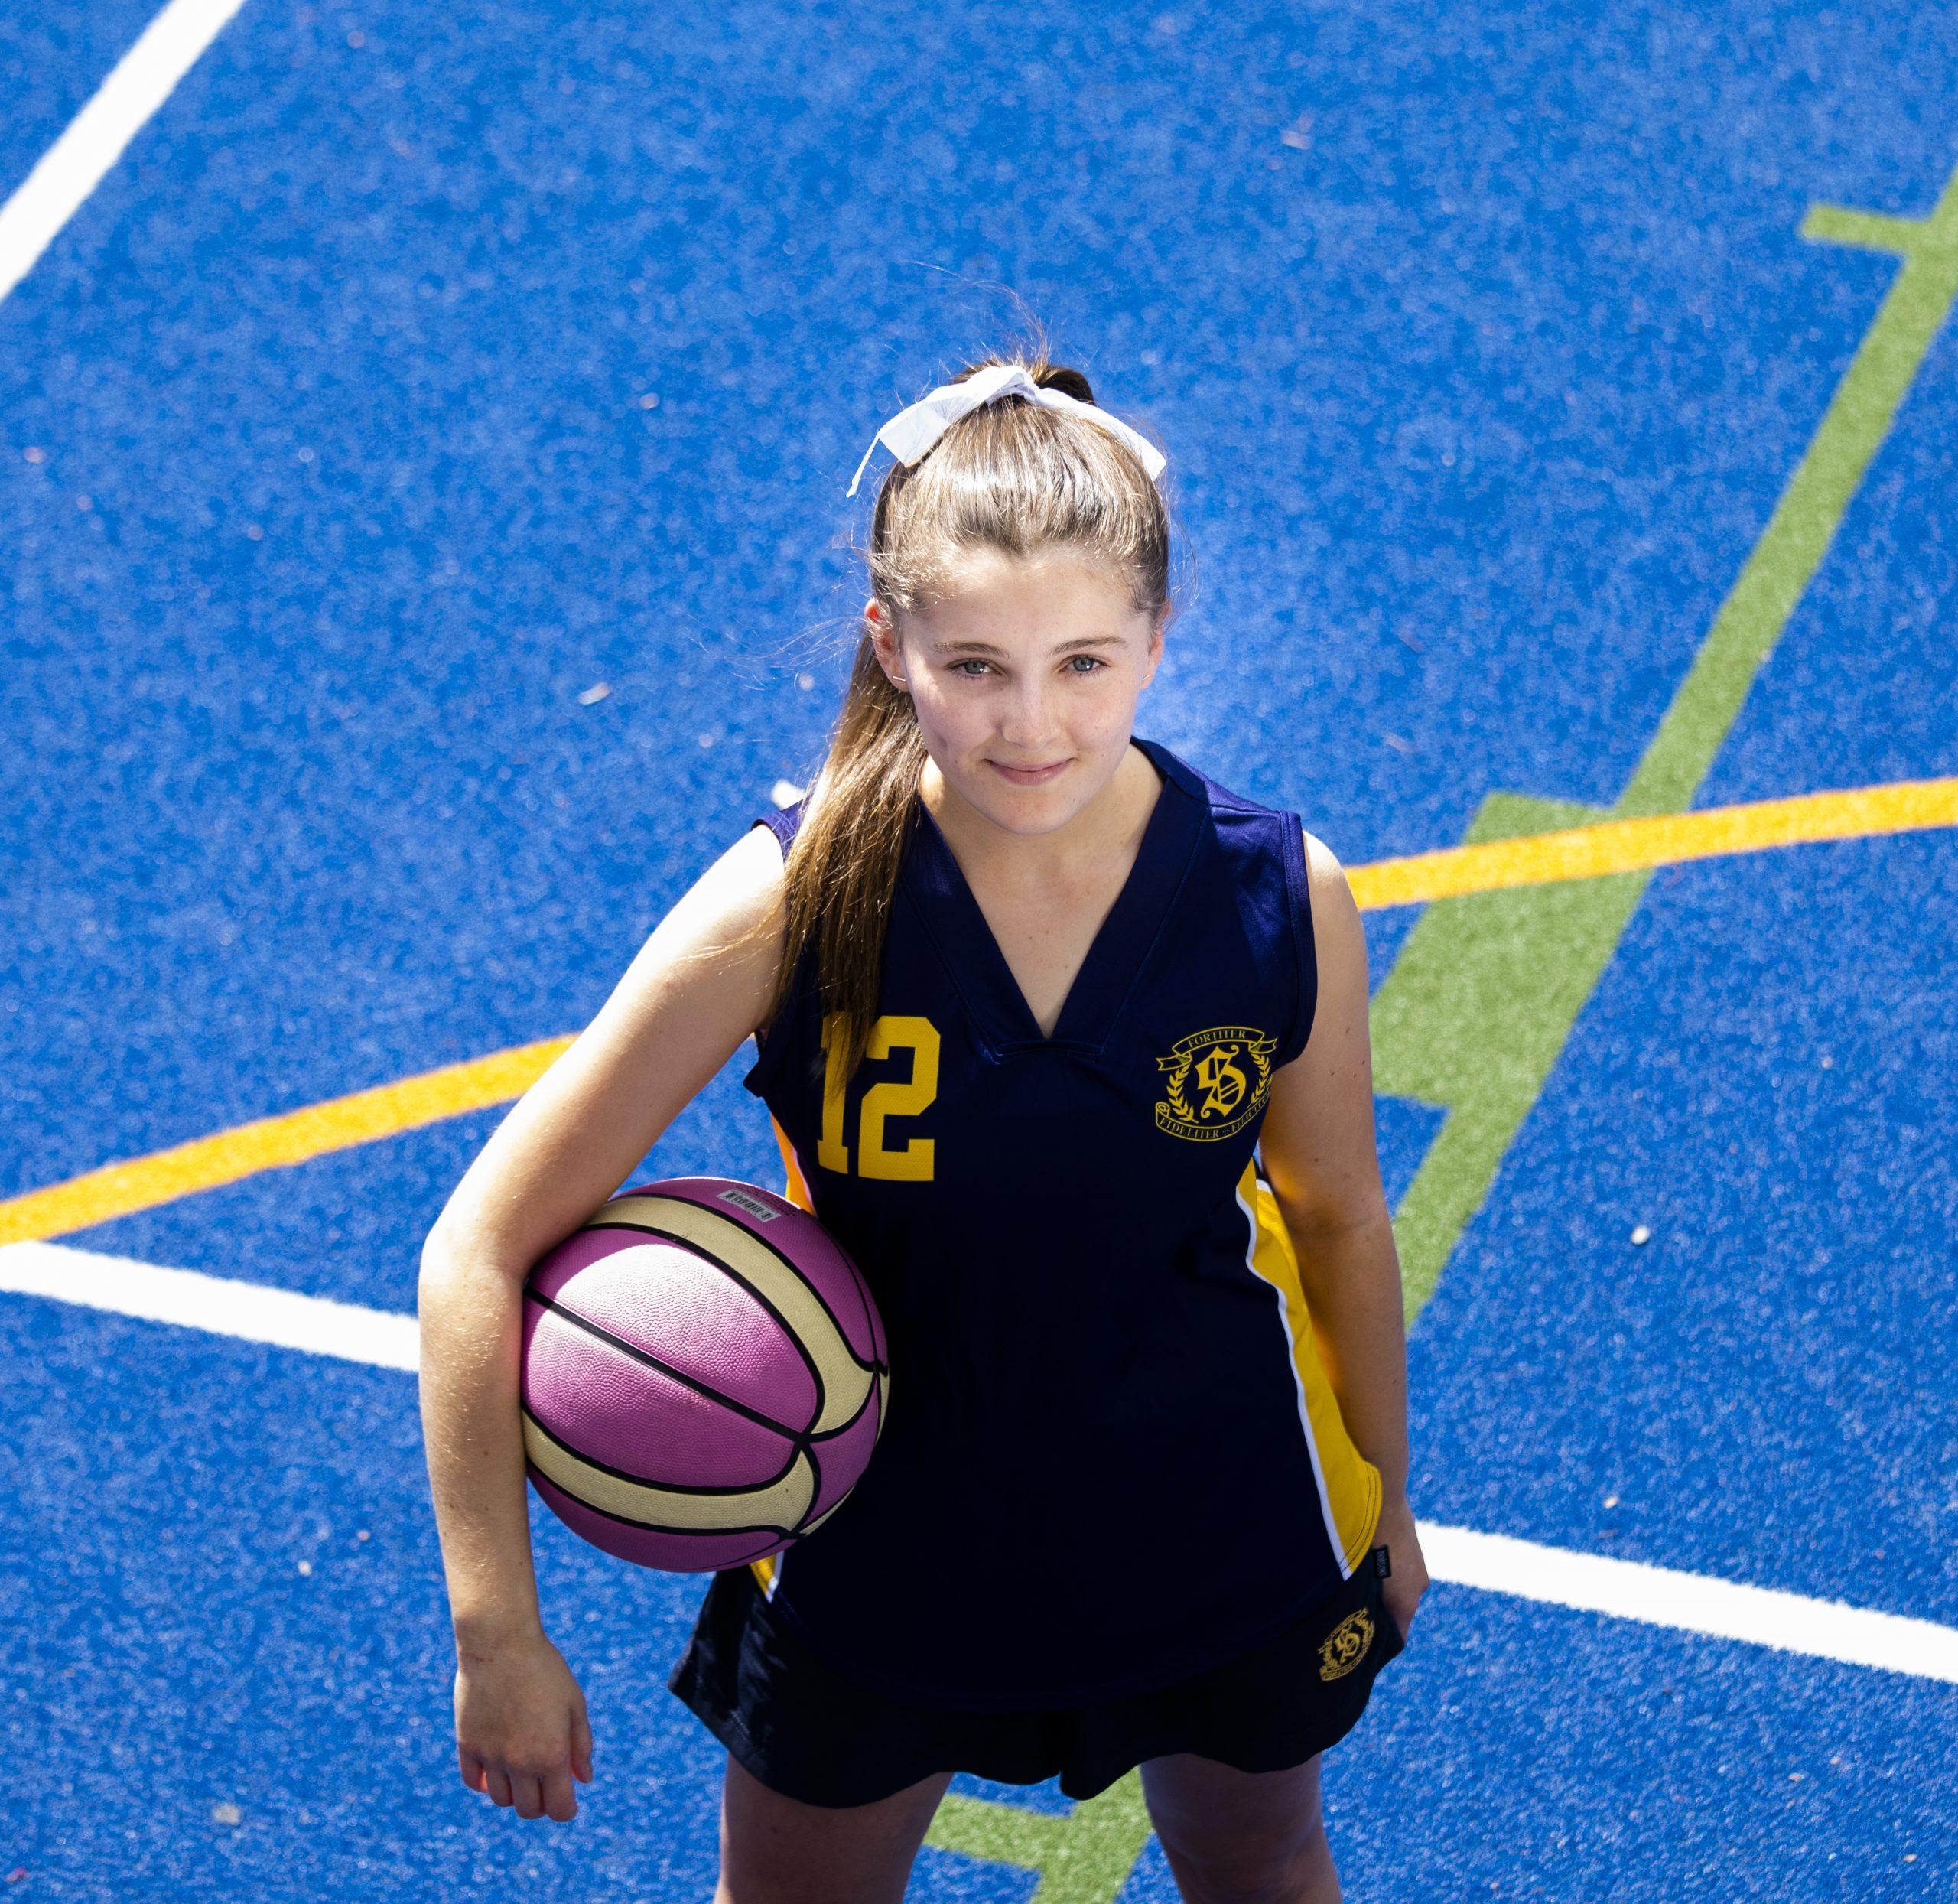 Giving sport basketball